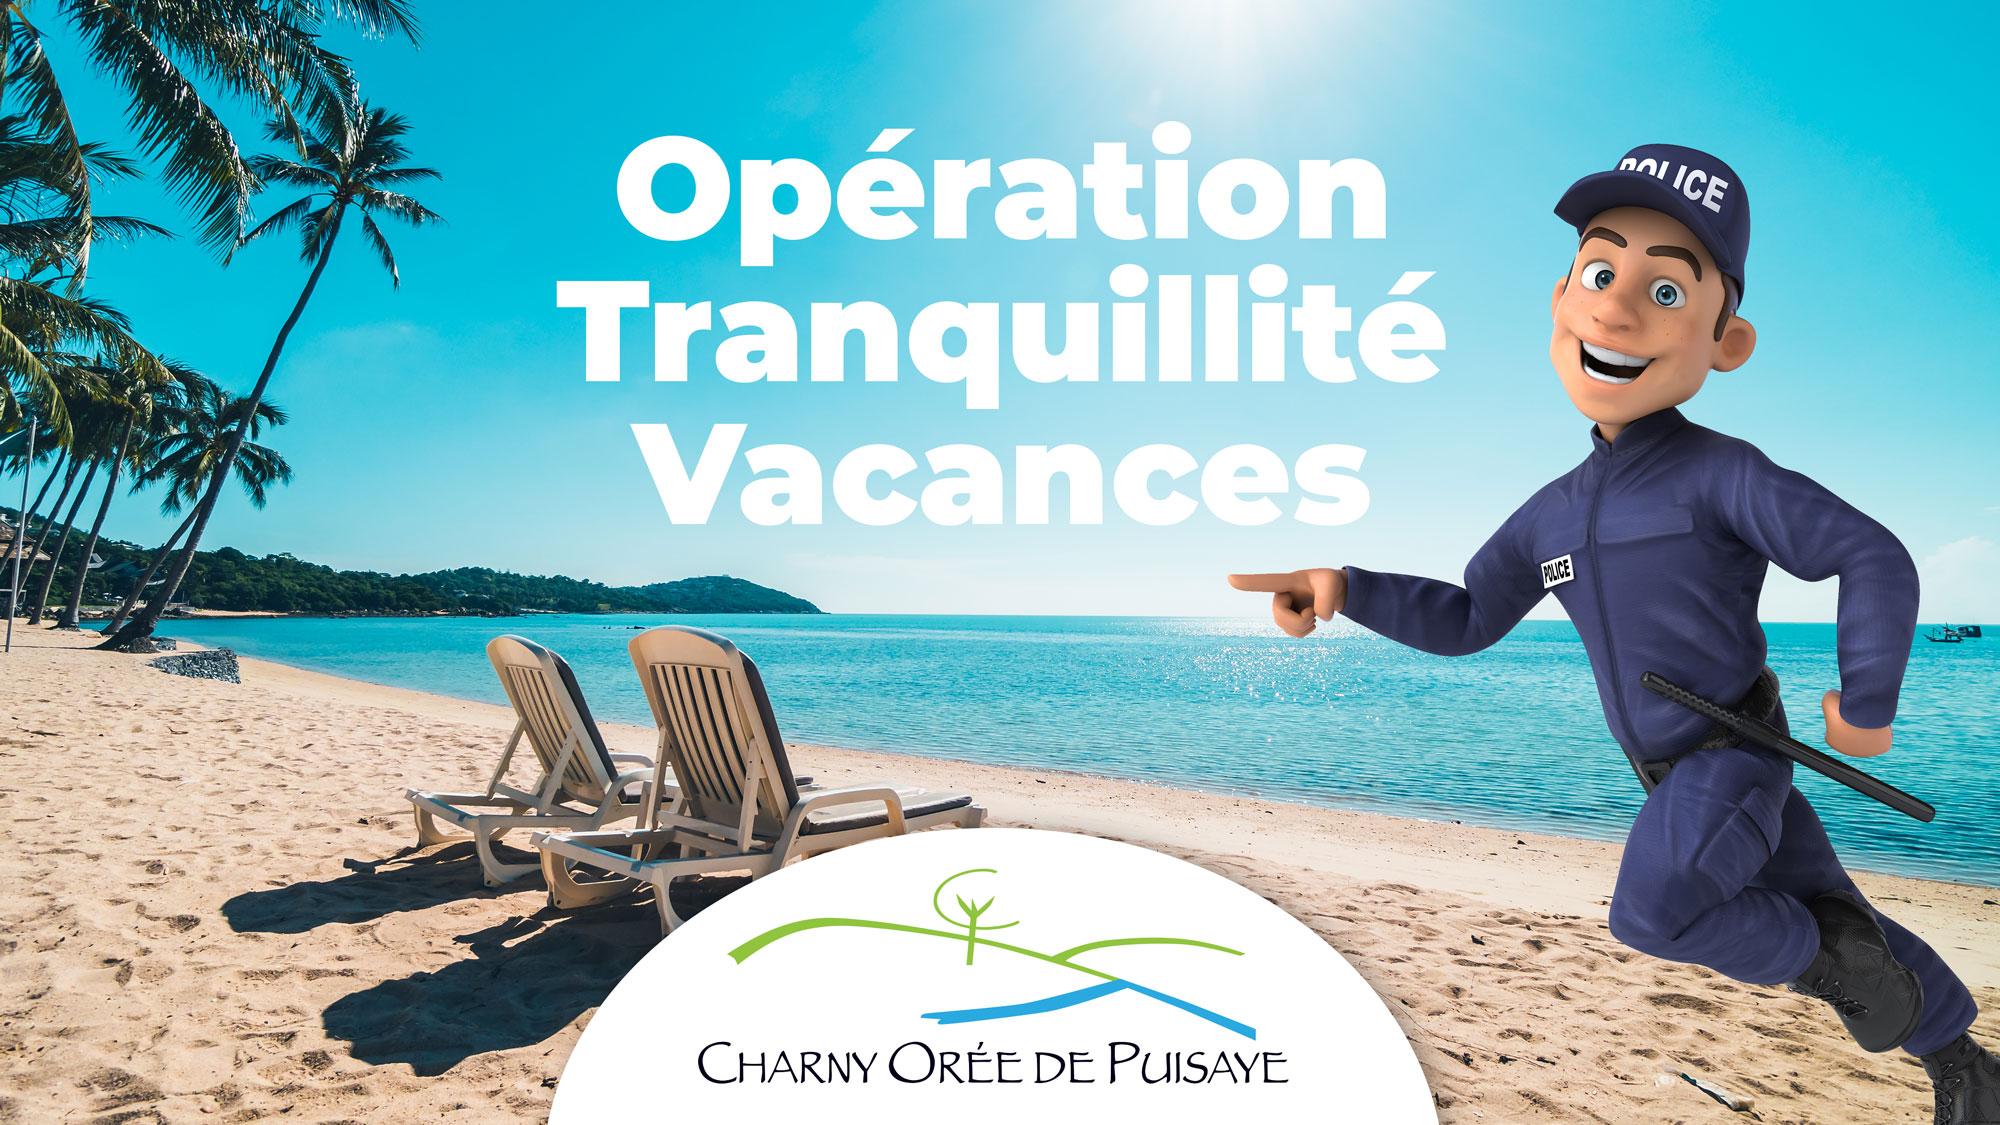 Opération Tranquillité Vacances Charny Orée de Puisaye